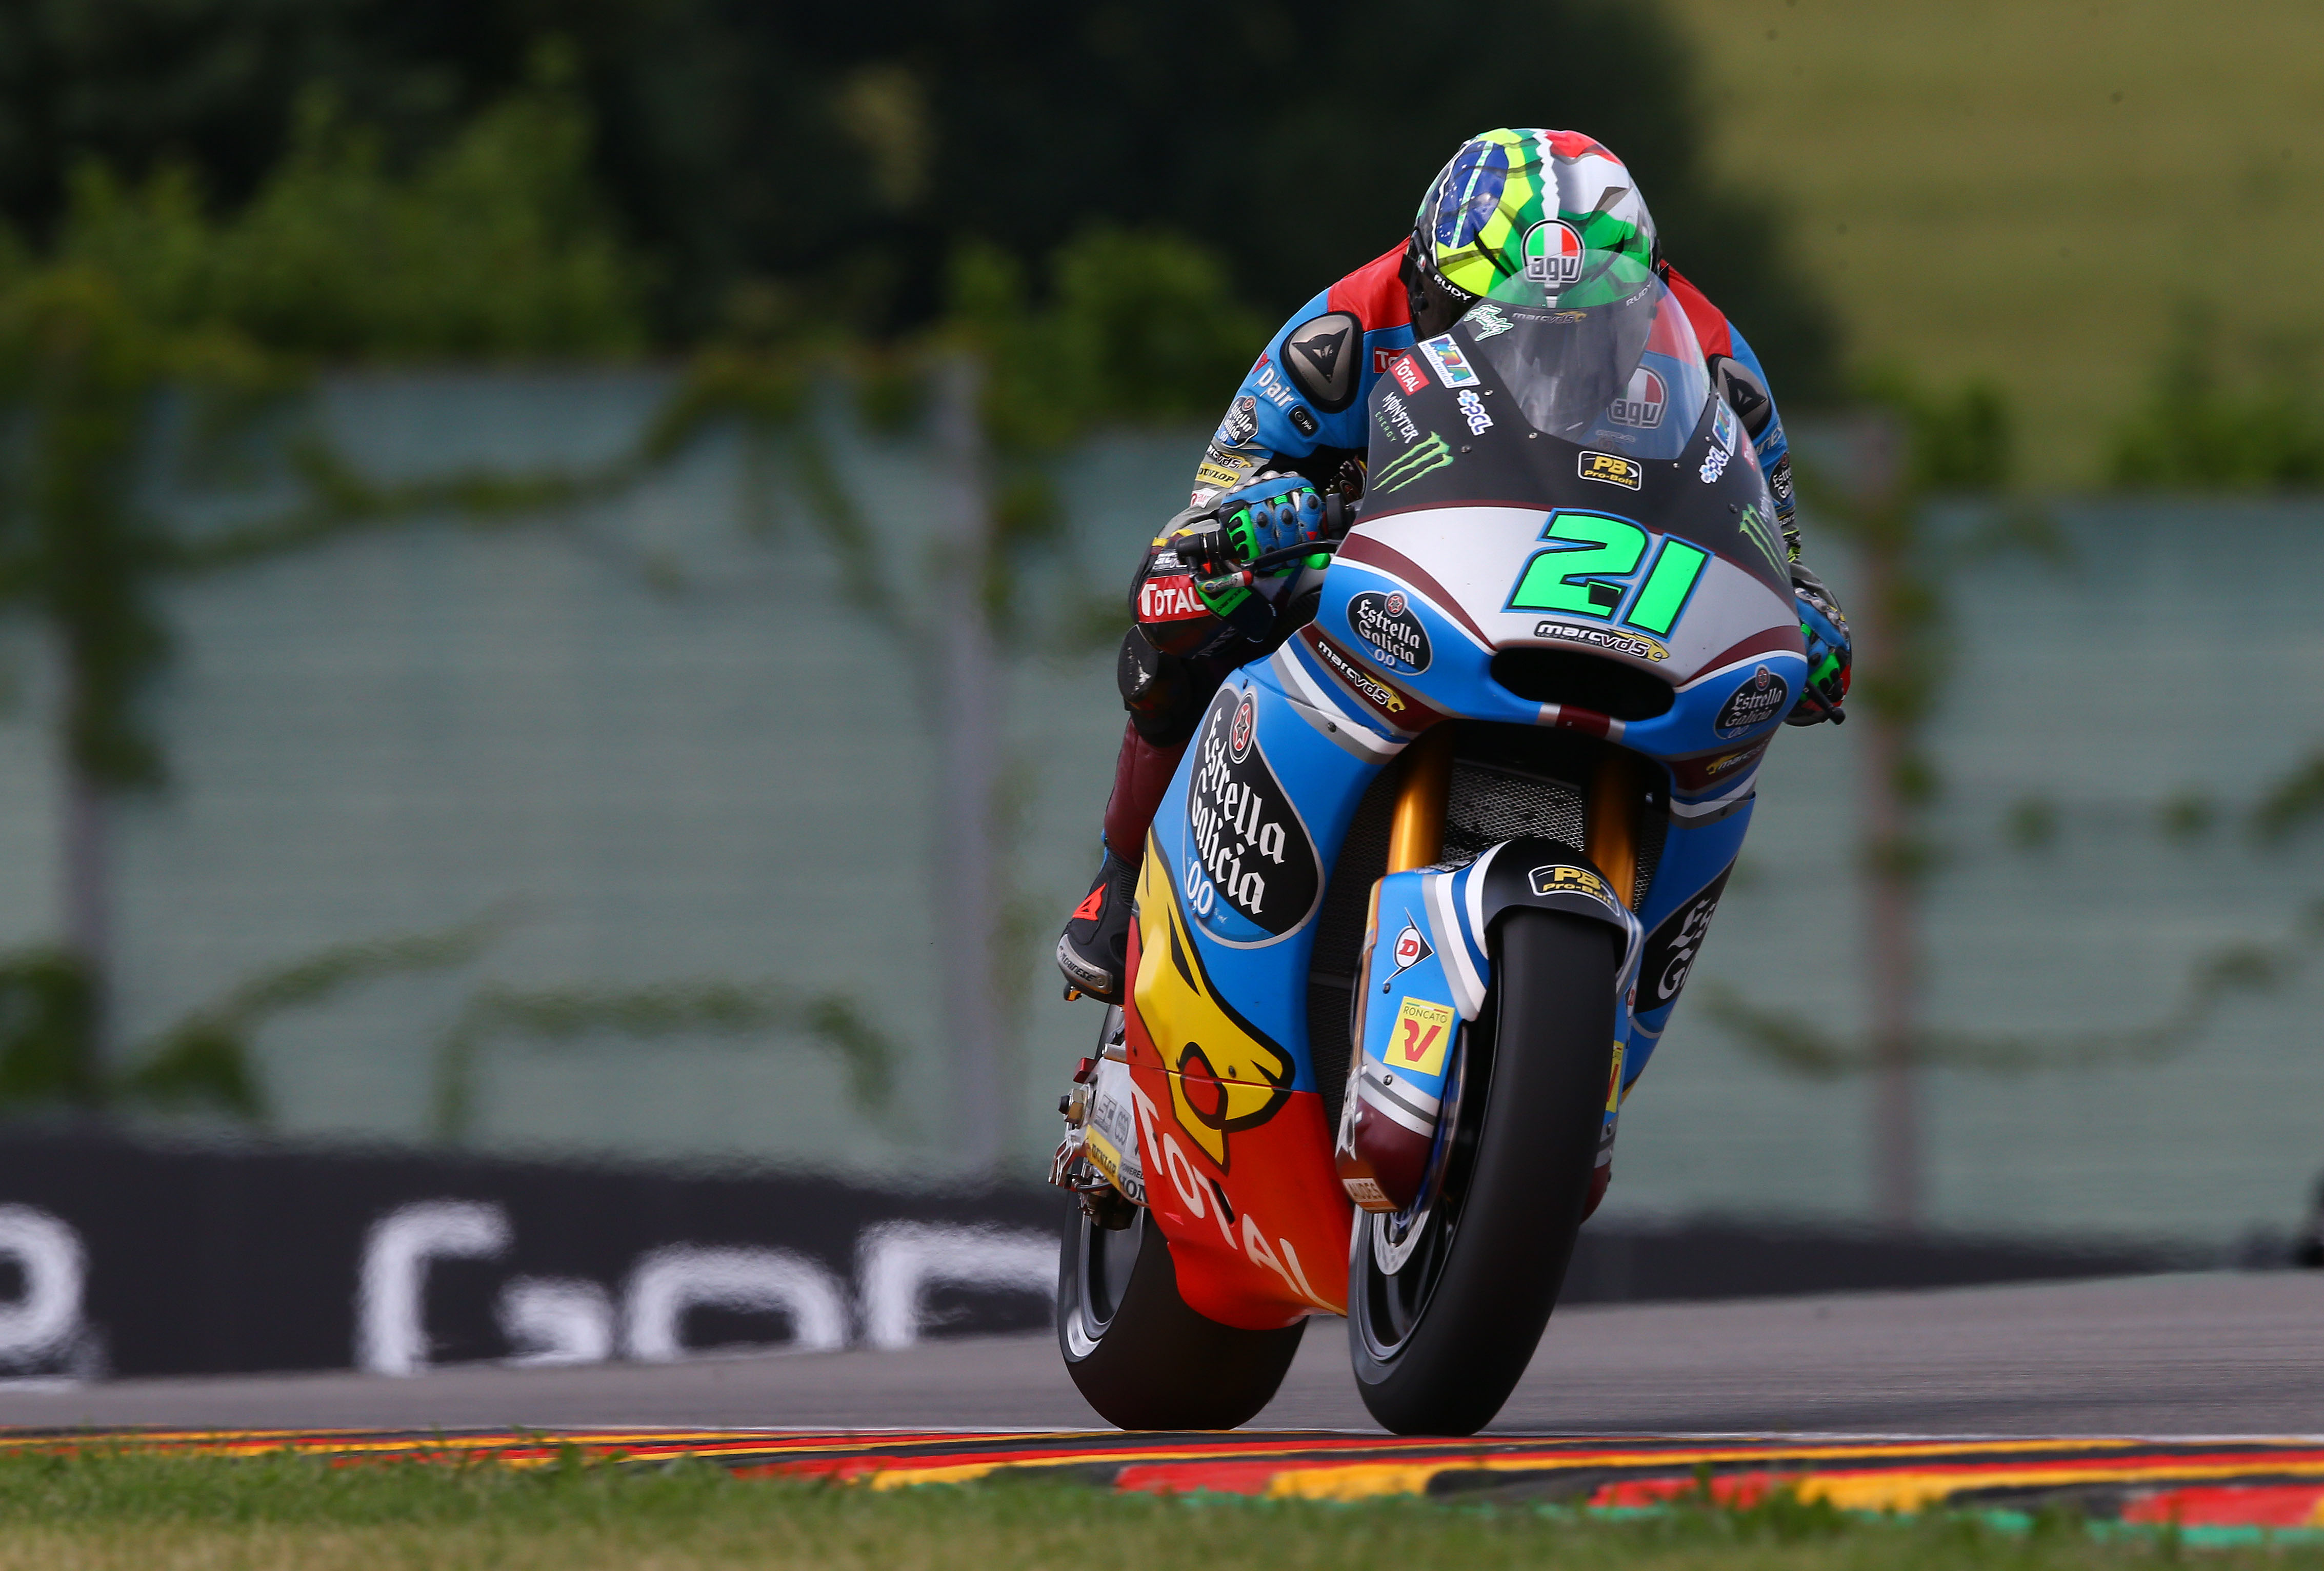 La pole pour Franco Morbidelli, Lüthi septième — GP d'Allemagne